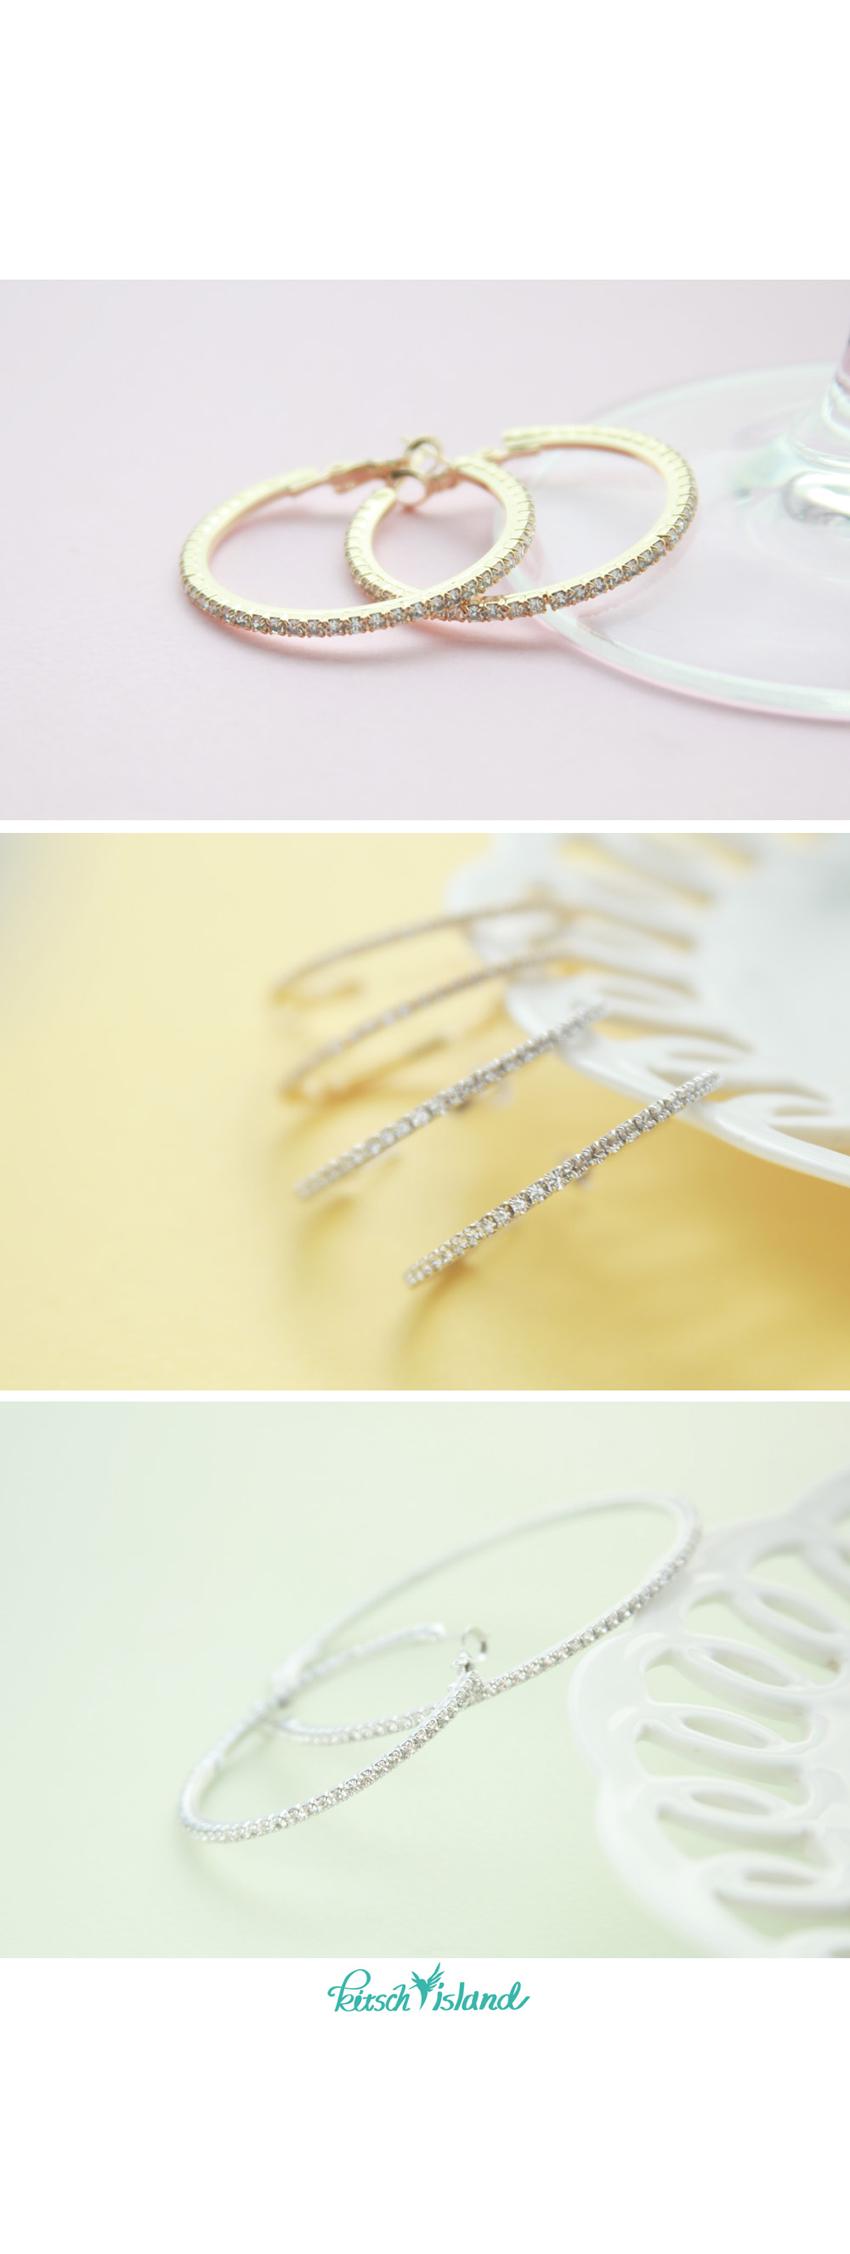 빛솔 큐빅 은(Silver) 링귀걸이4cm 5cm 6cm 7cm - 키치아일랜드, 11,000원, 실버, 링귀걸이